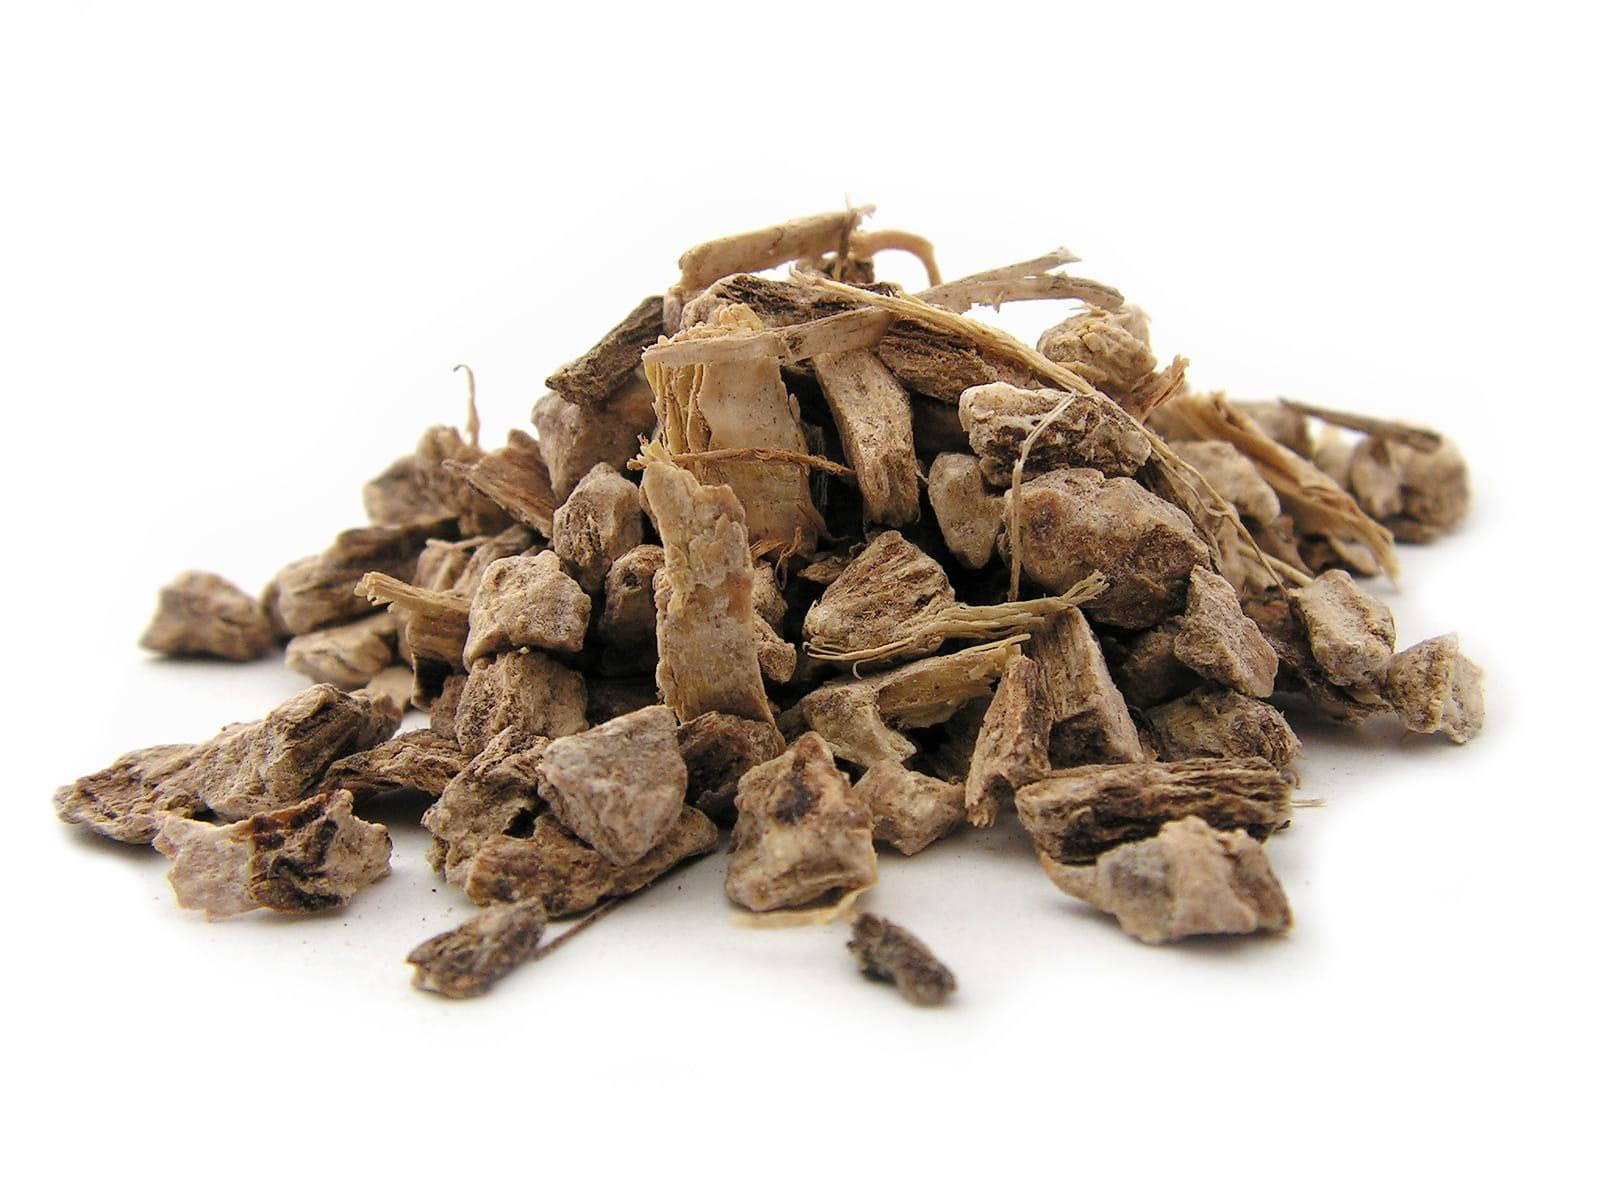 Oman wielki - korzeń omanu - na kaszel i pasożyty - Aromatika